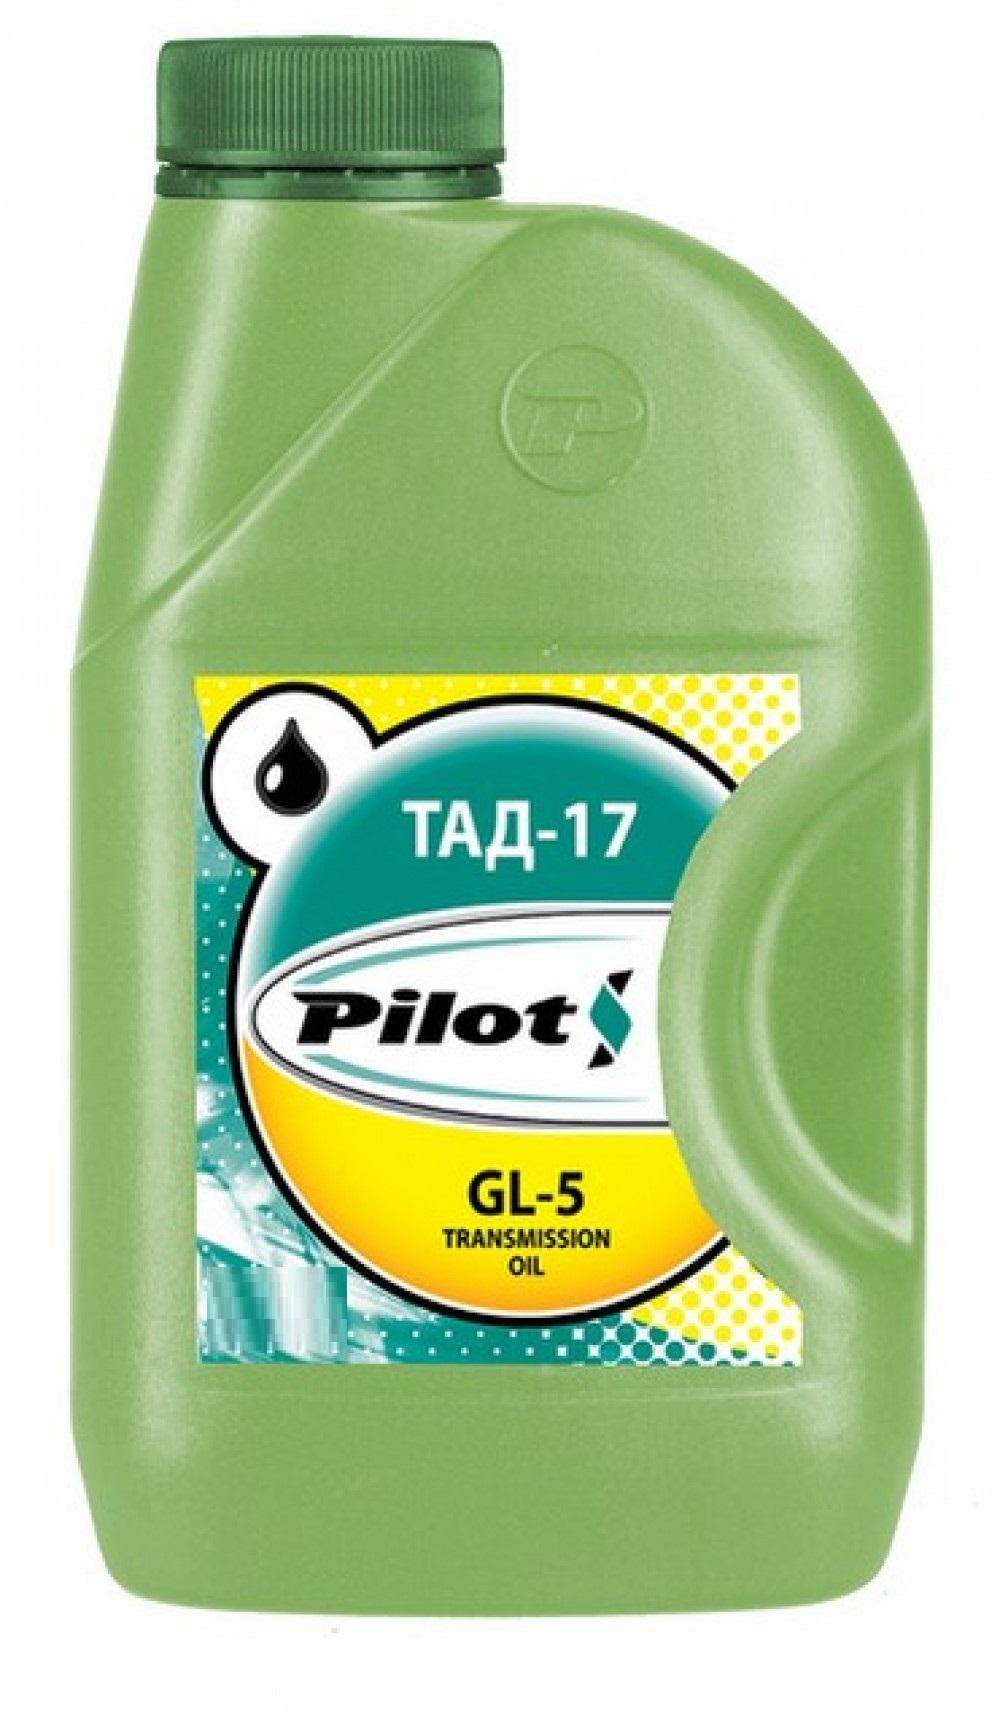 РILOT ТАД-17 (ТМ5-18), 80w90 GL-5 масло трансмиссионное, минеральное, 1л , г.Пермь